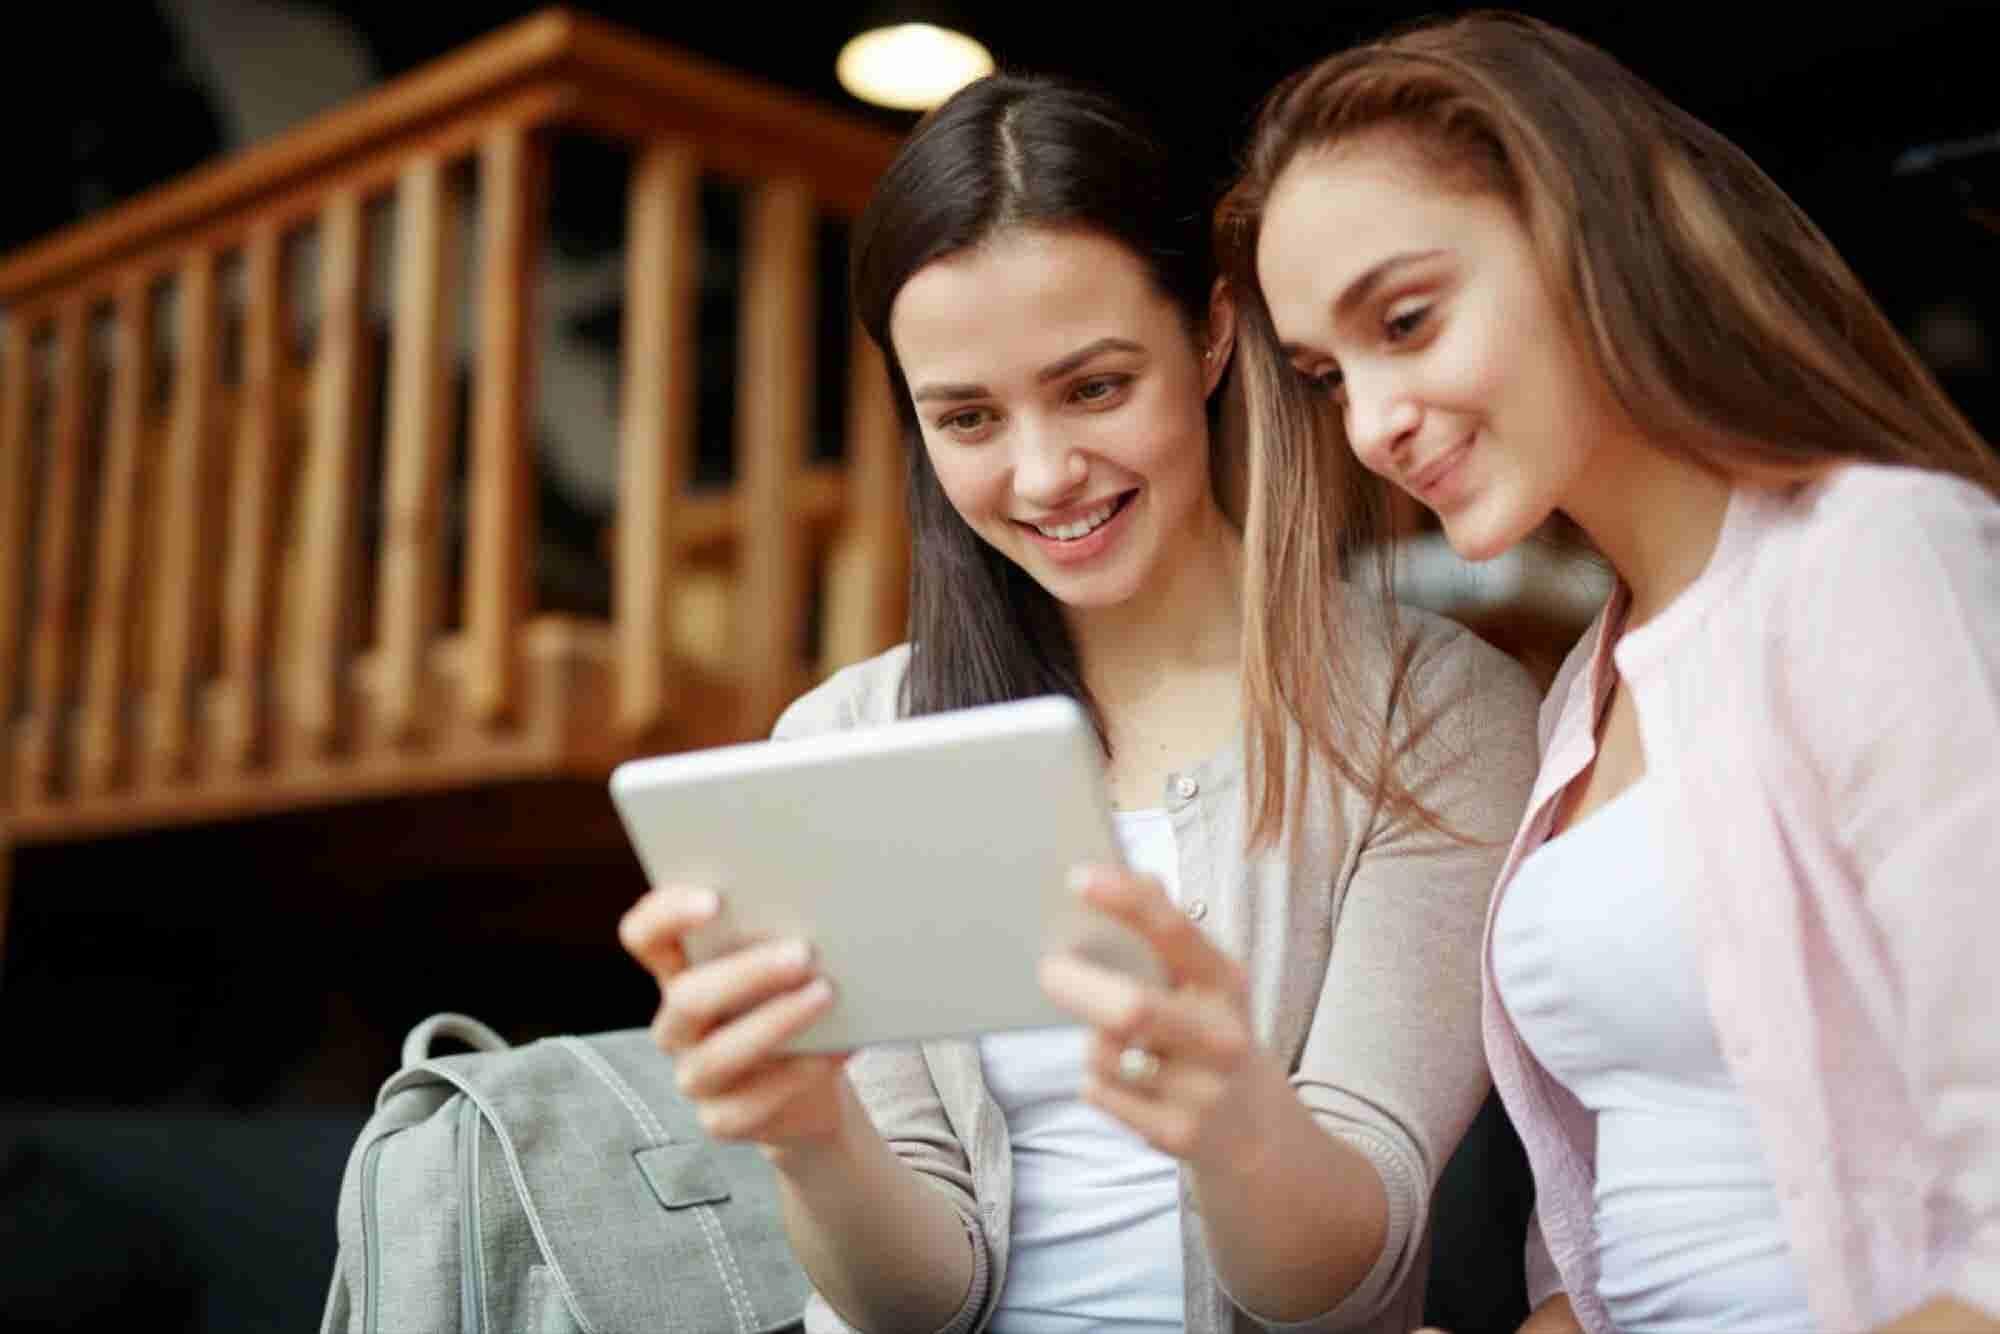 Cómo tener seguidores fieles en redes sociales